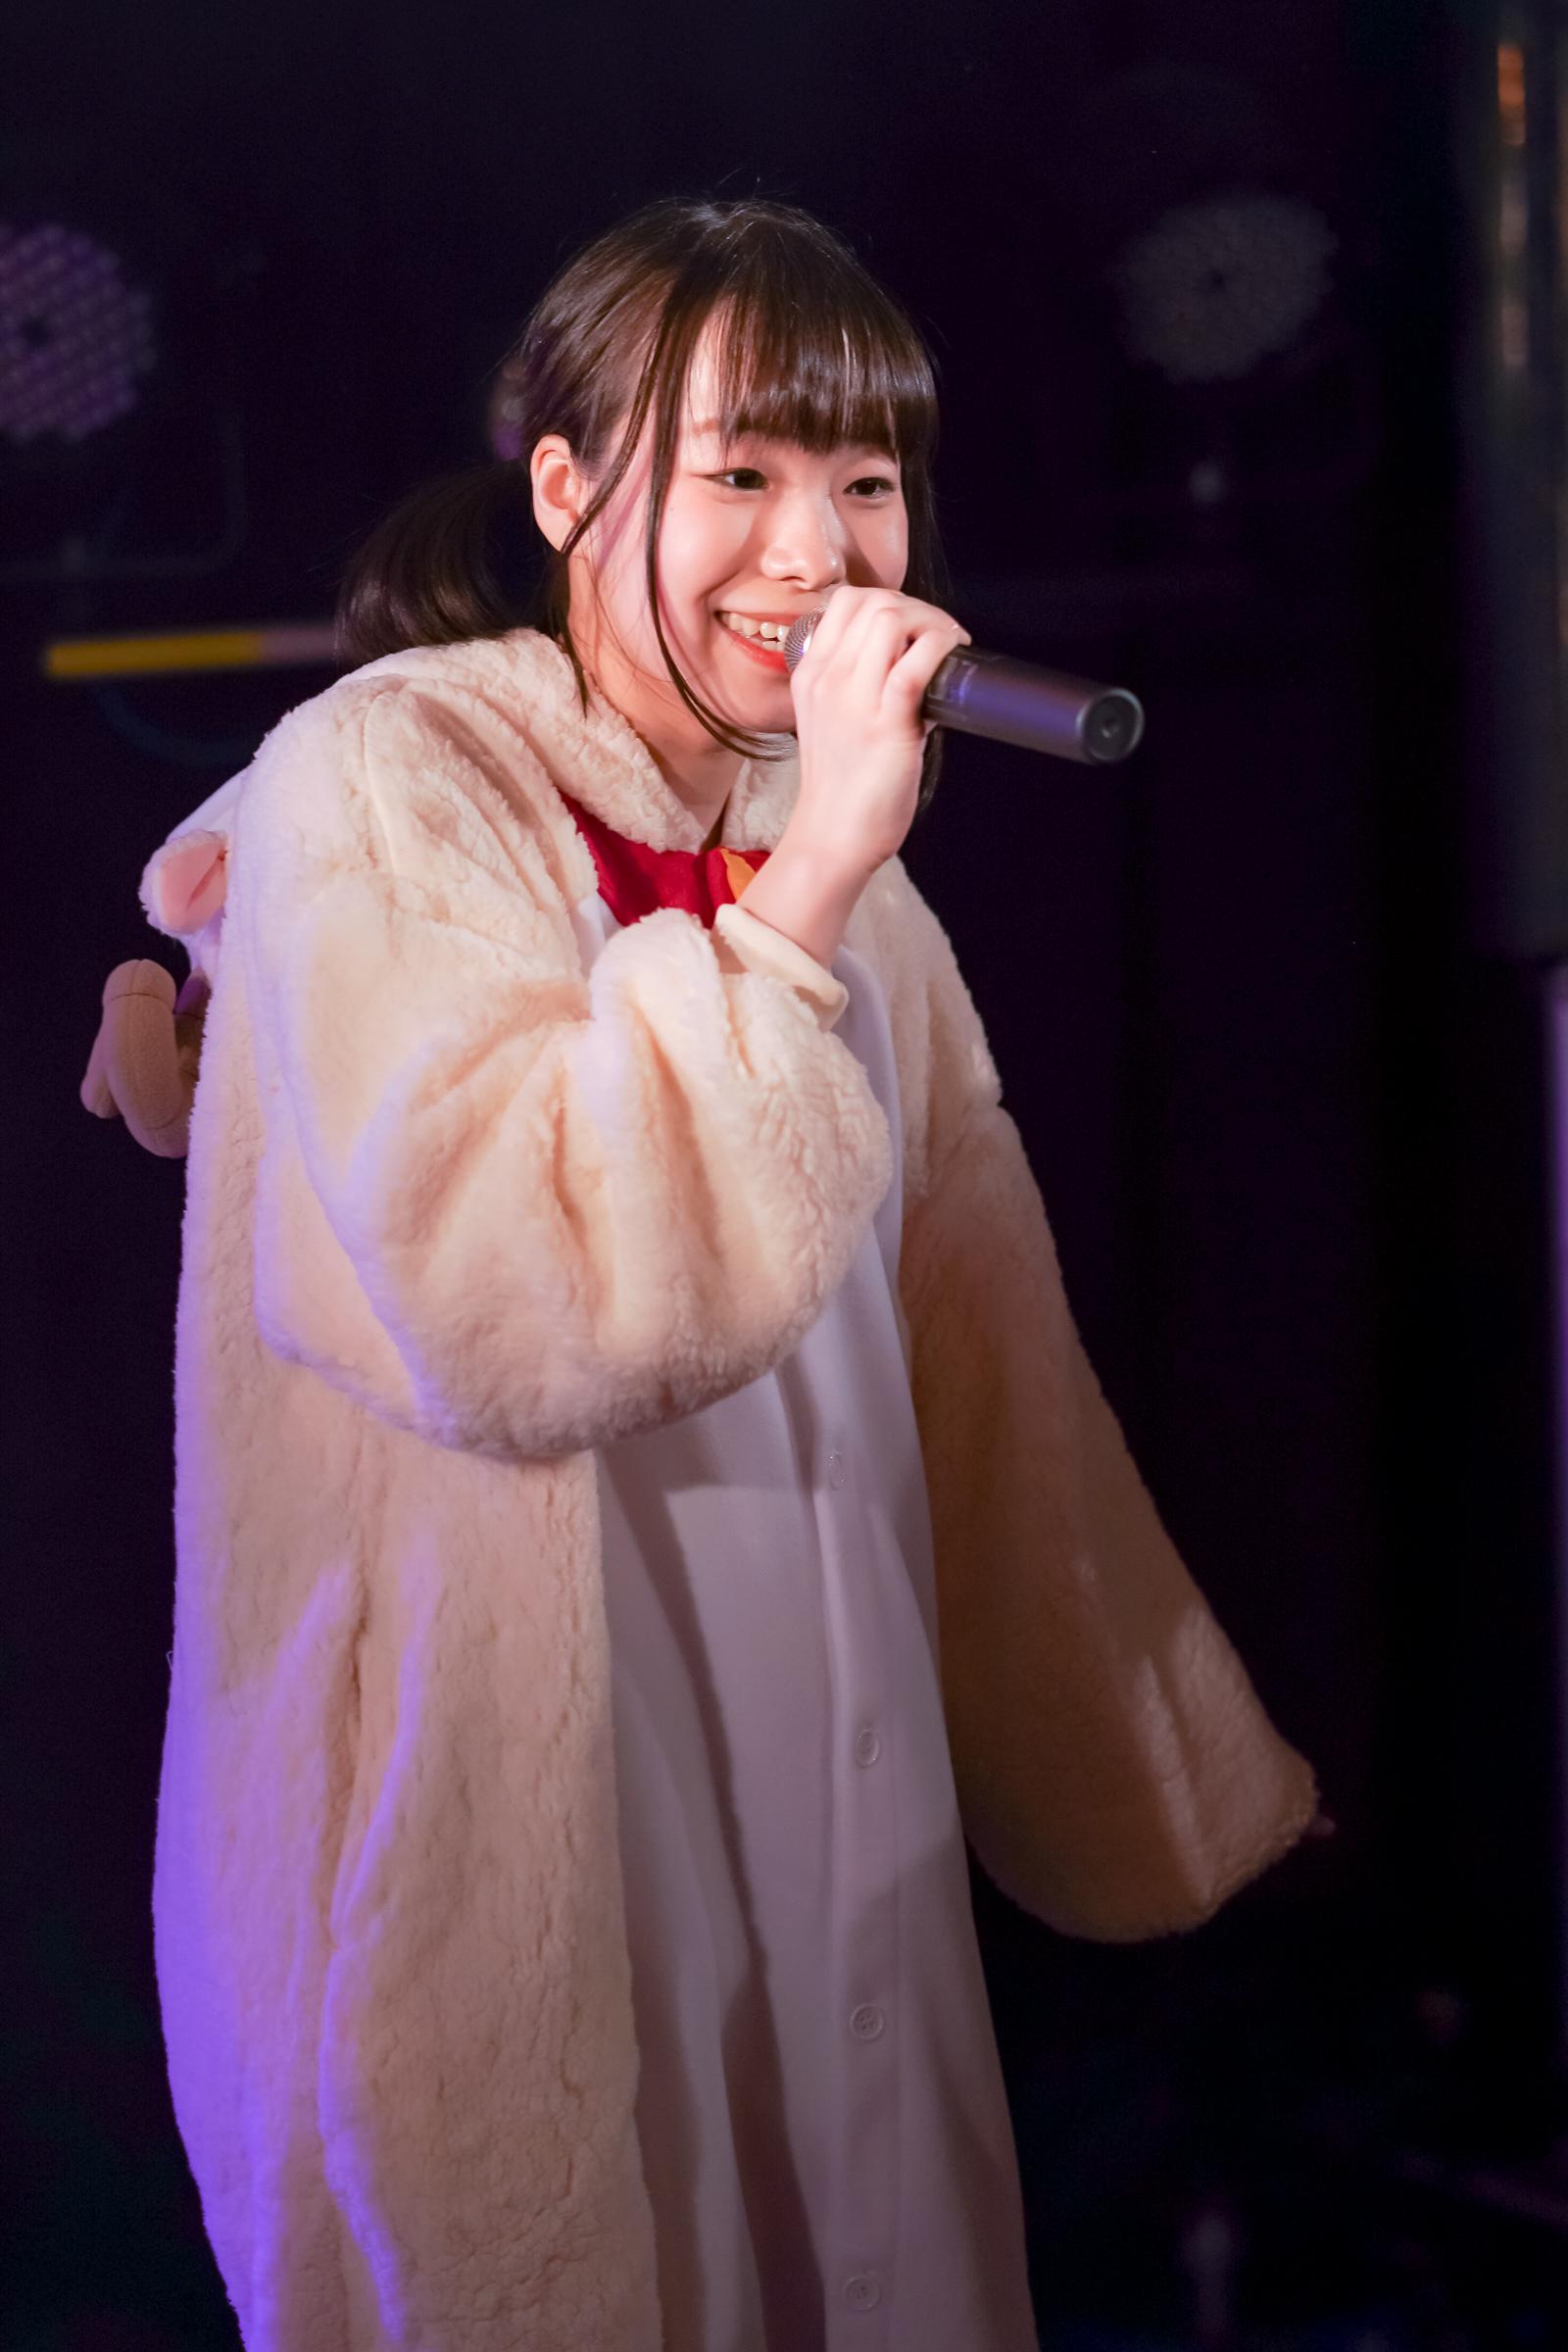 2代目HAPPY少女♪ やよたん ( 鈴木やよい )   ユニバーサル・ライブプロ・ジャパン2018